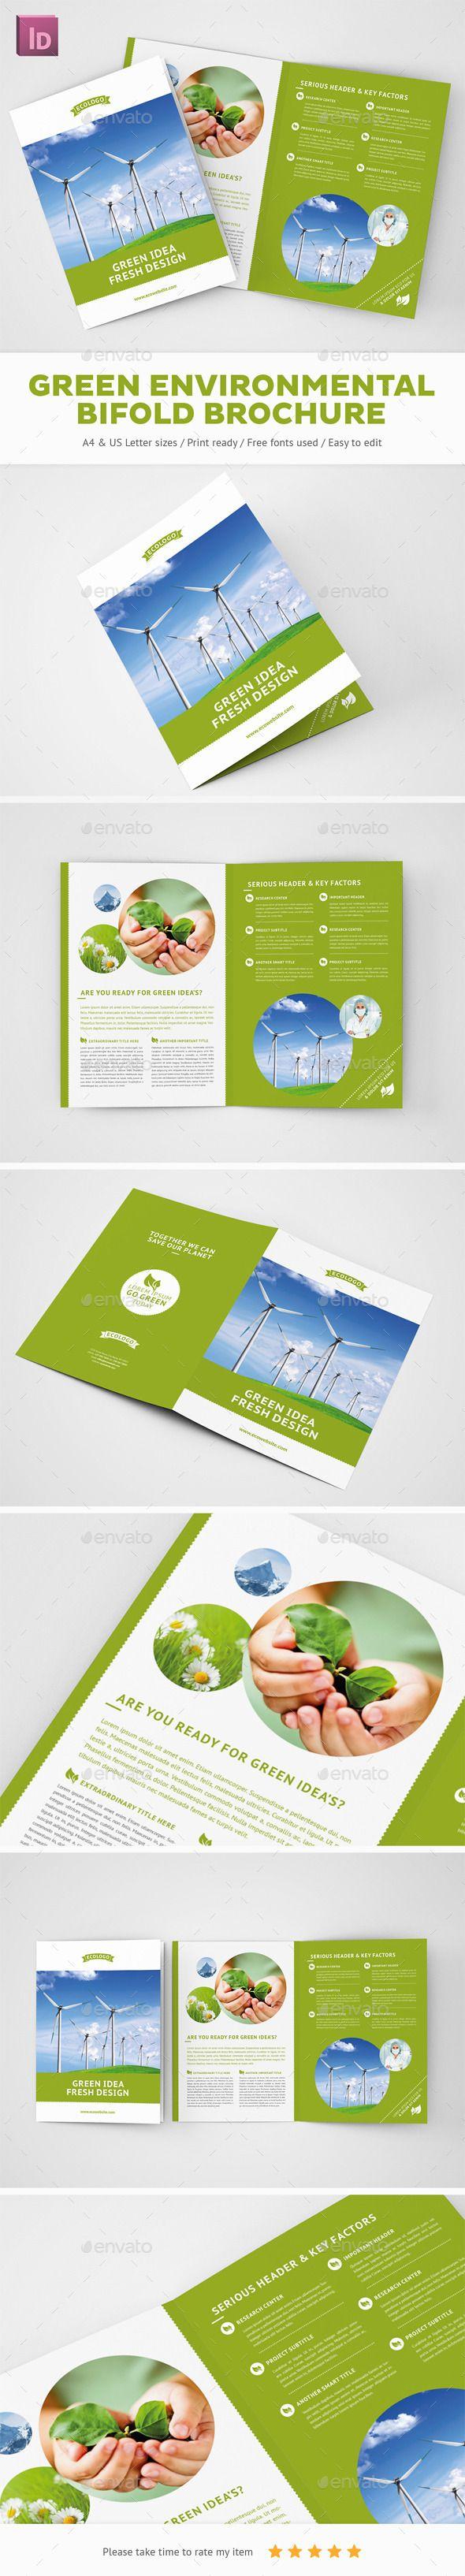 Green Environmental Bifold Brochure | Plantilla de folleto, Folletos ...